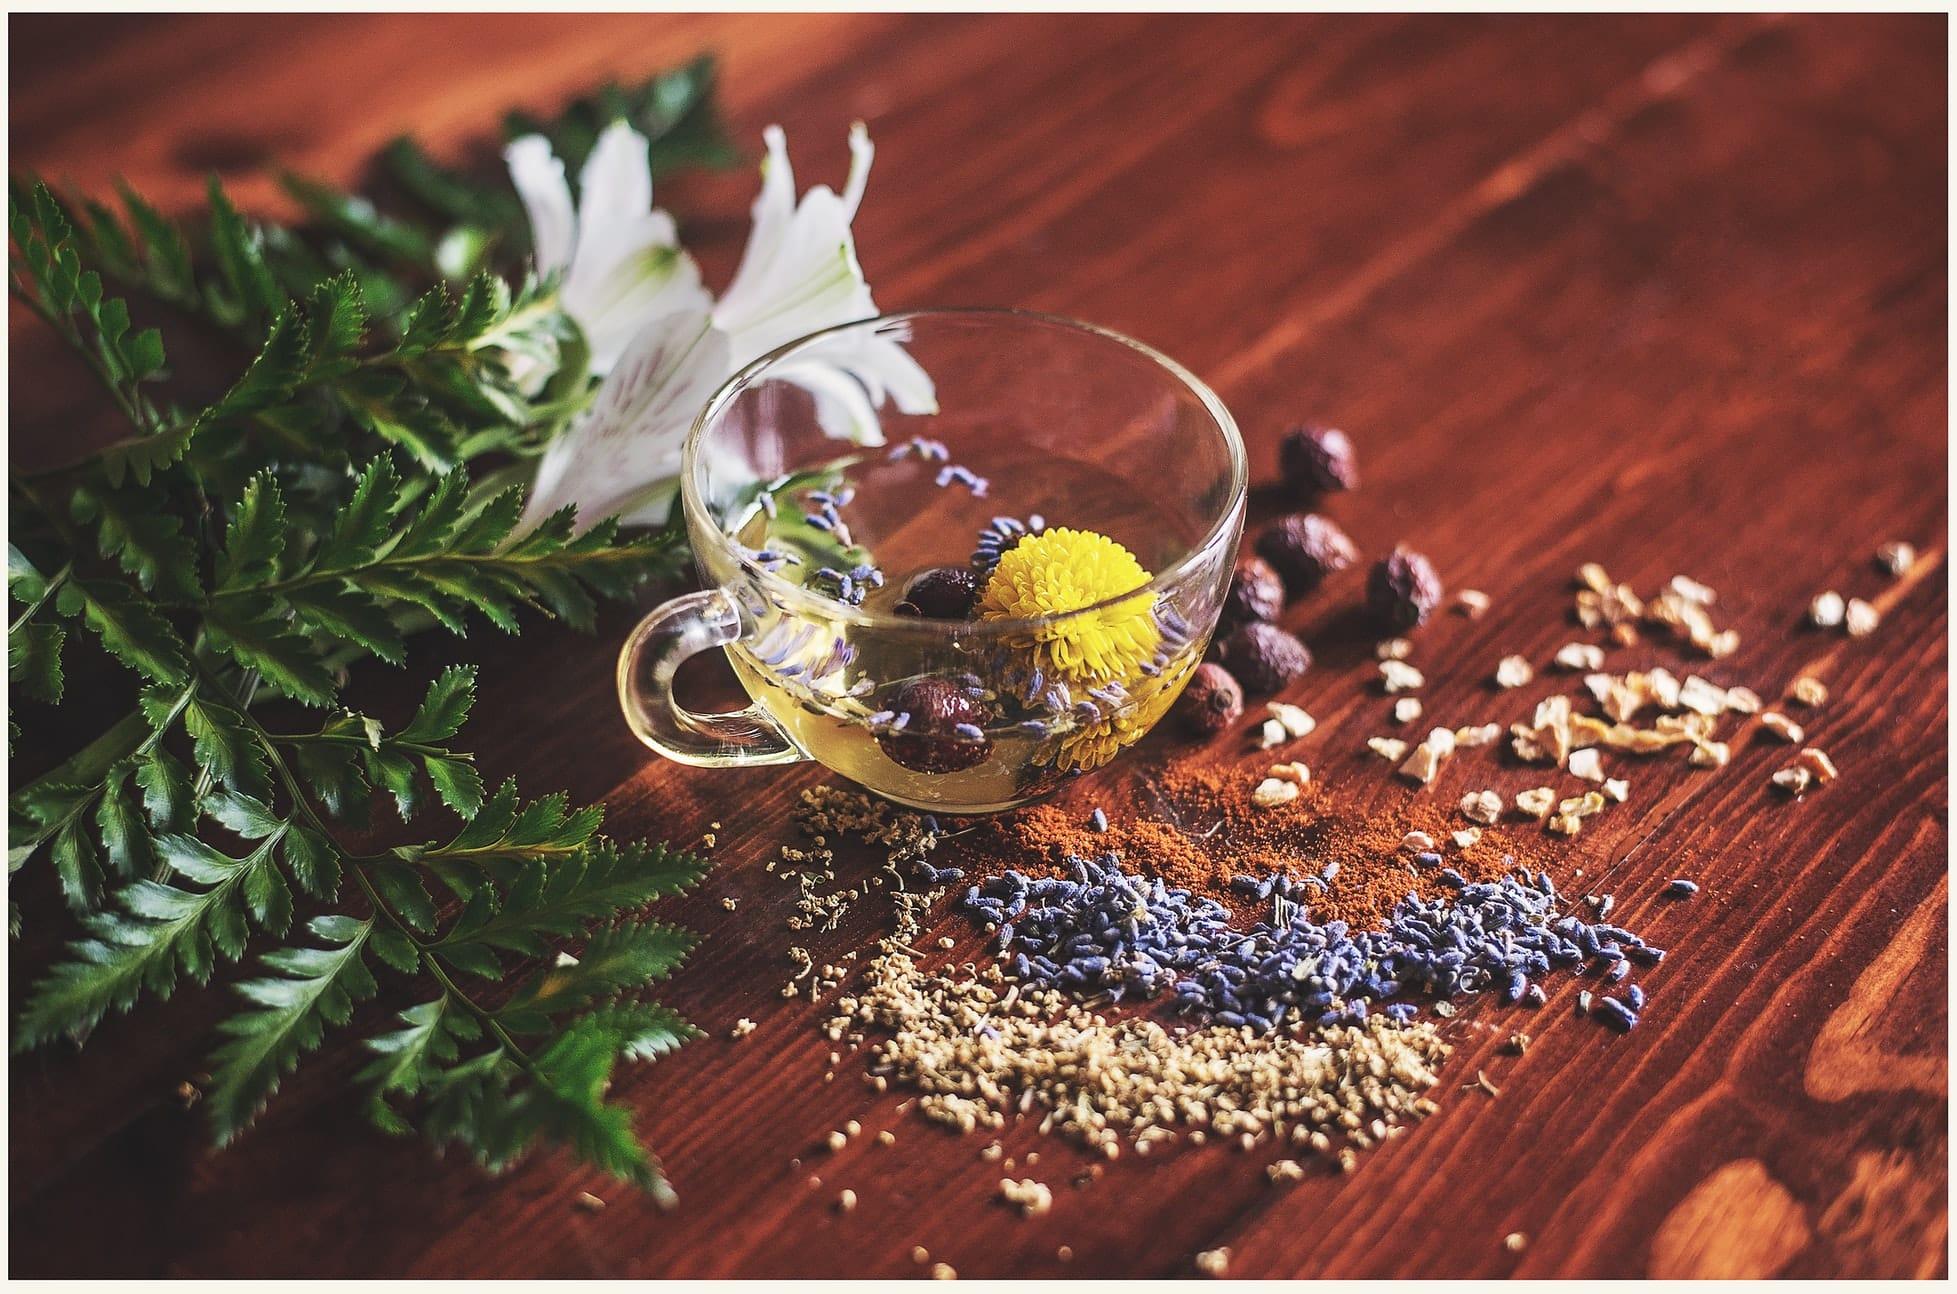 Аюрведа пропонує вам тільки натуральні препарати, а також власні рецептури і ліки, при приготуванні яких використовуються трави, рослини, спеції, тваринні і рослинні масла, злаки і мінерали.